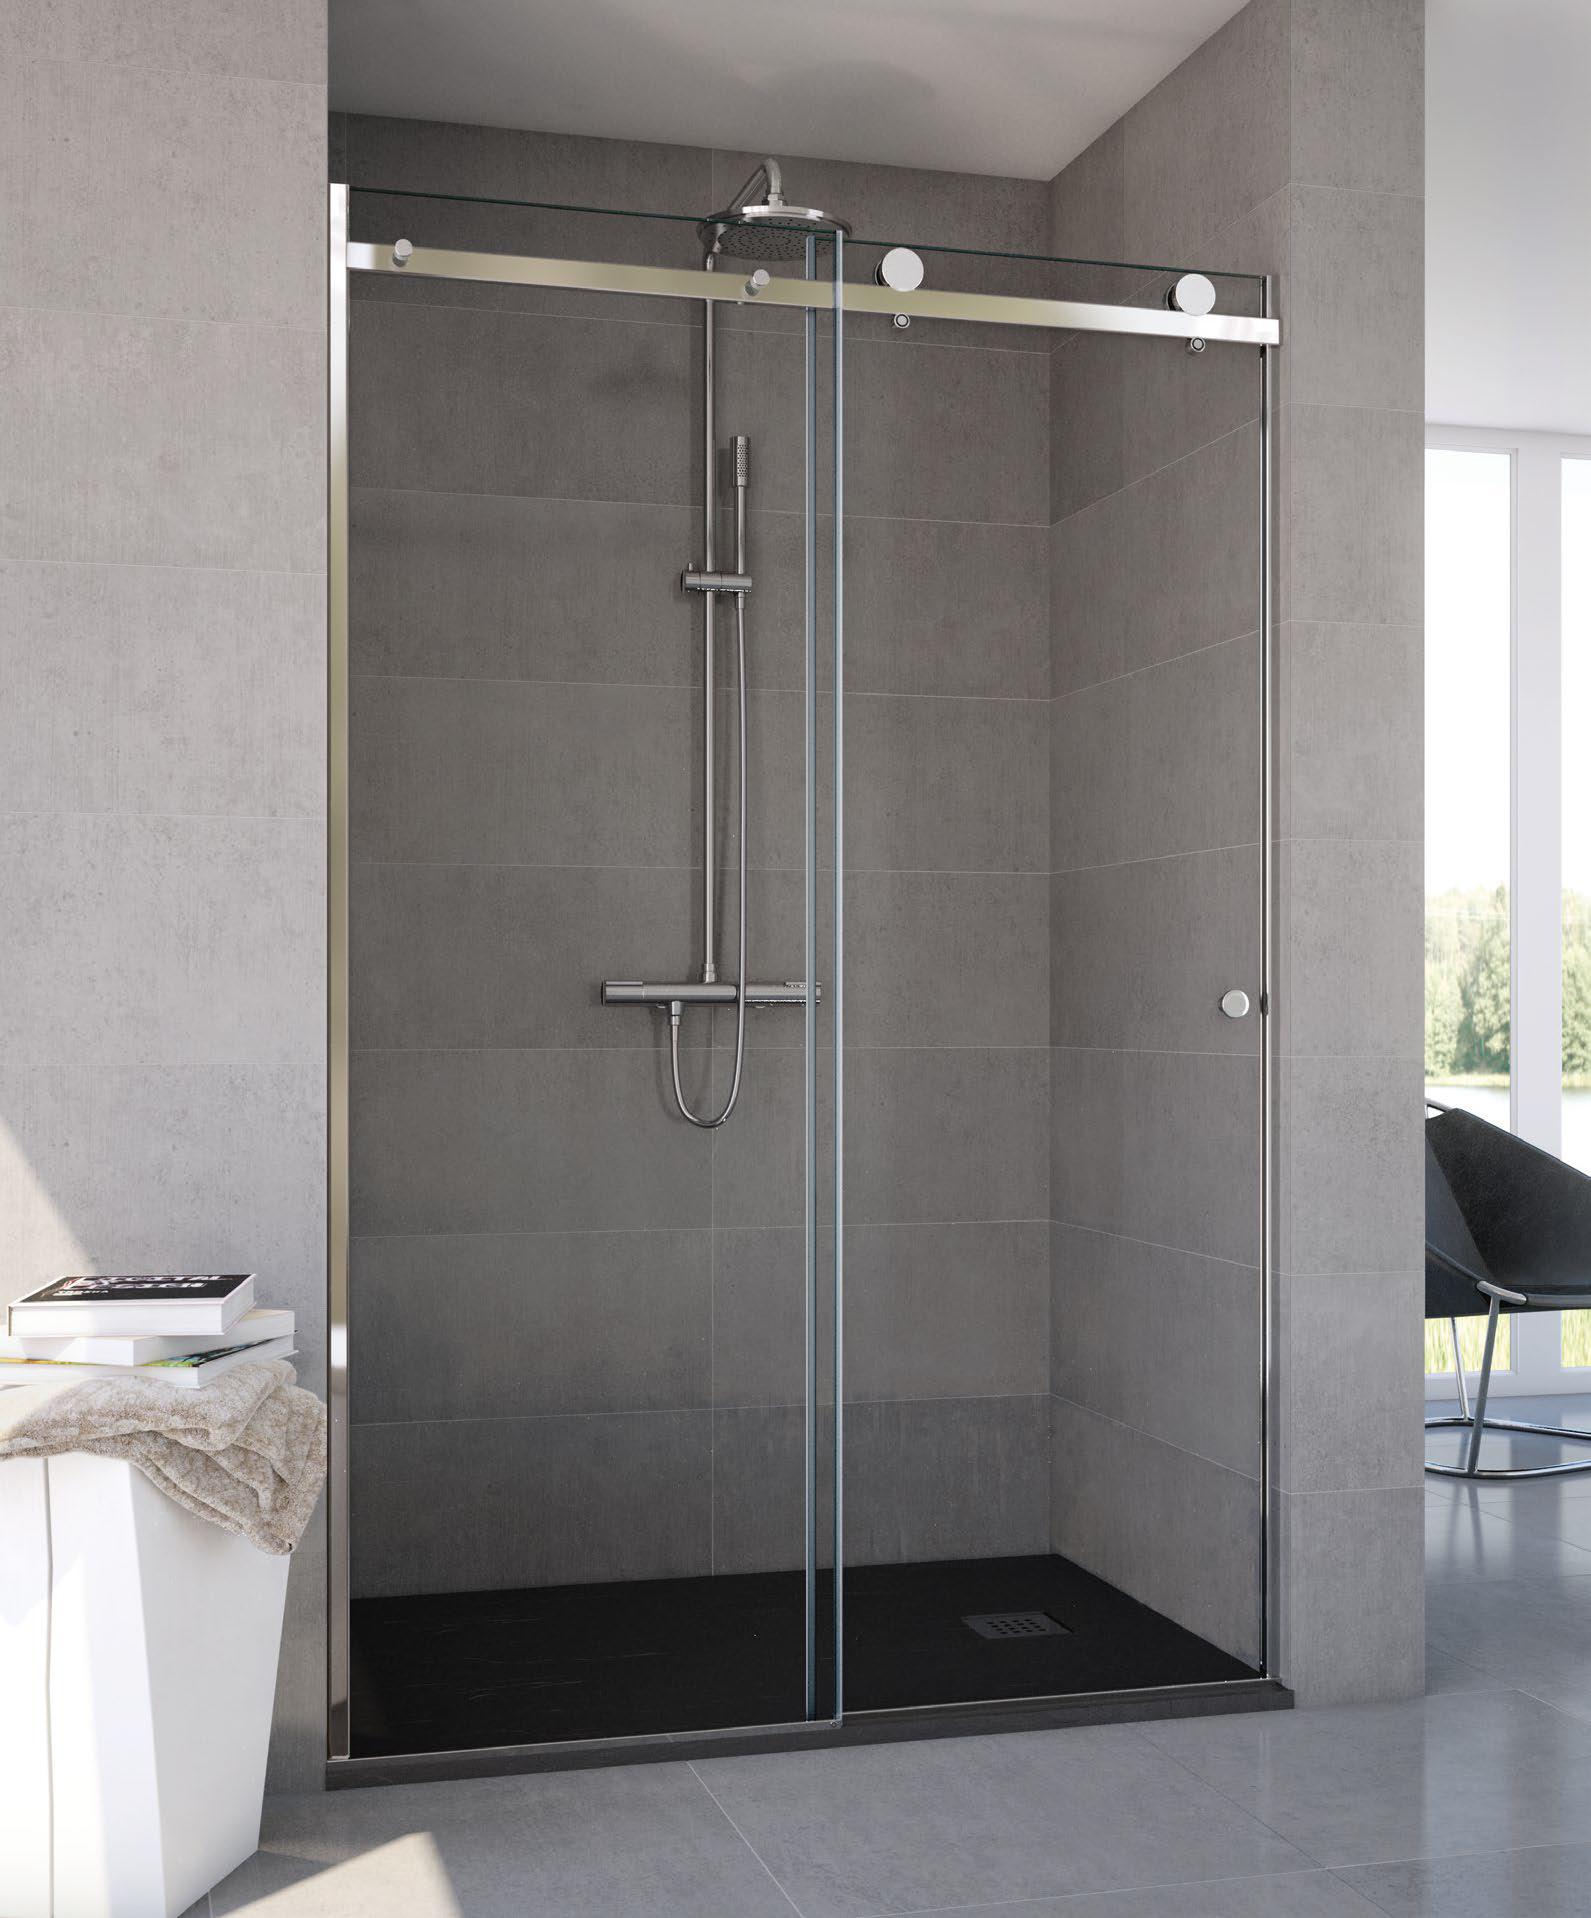 Mamparas ducha para ninos - Como limpiar la mampara ...